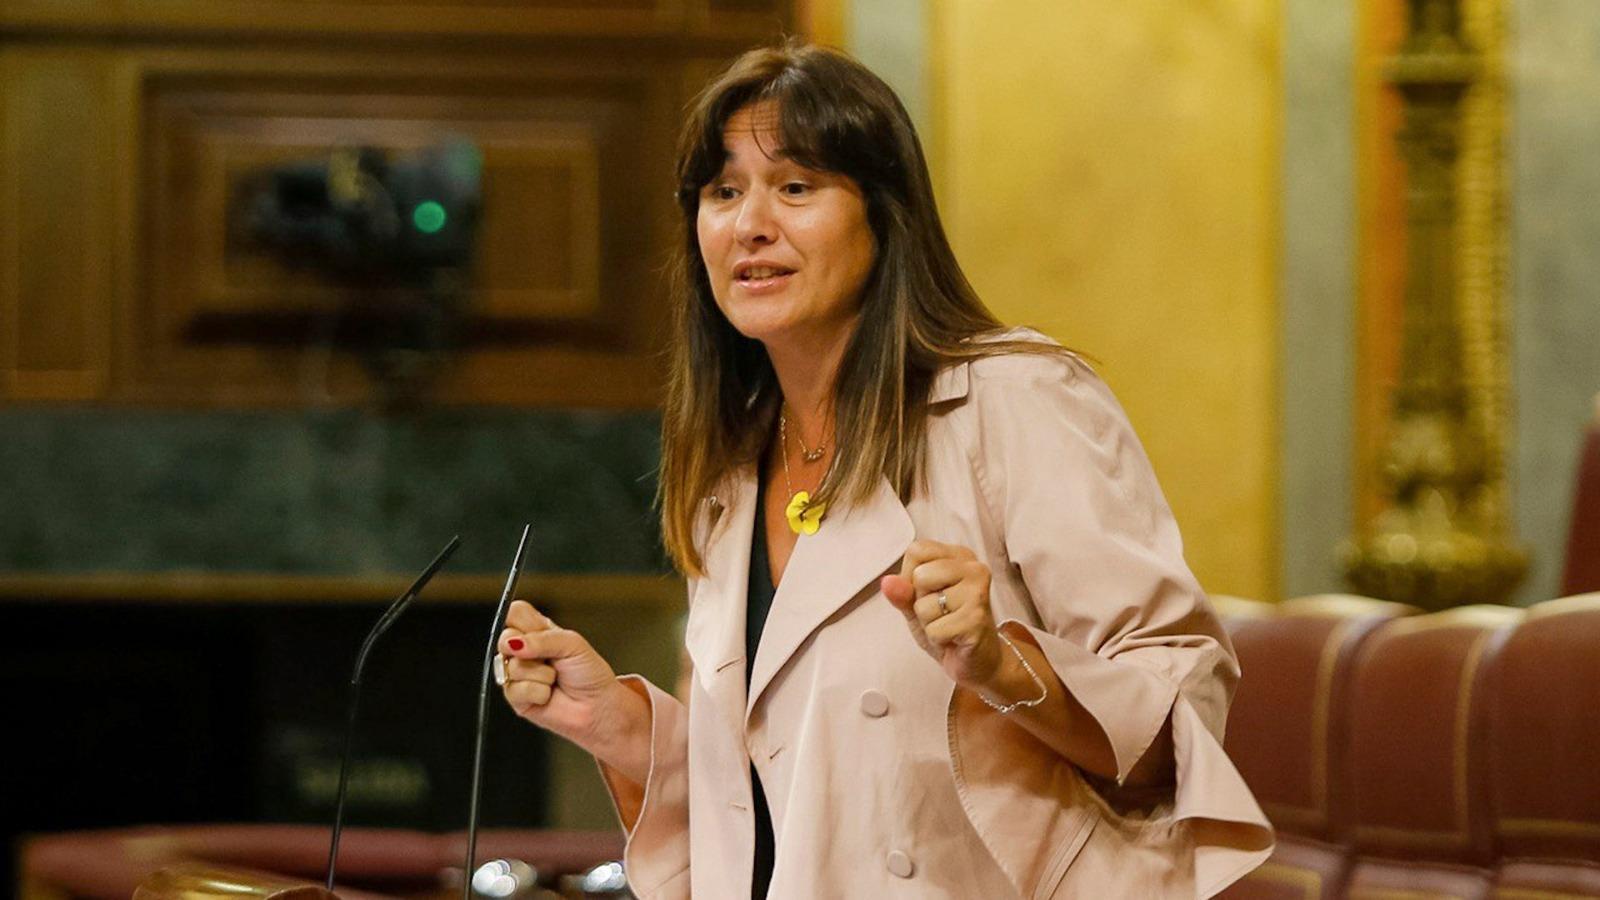 El Congrés vota el suplicatori de Laura Borràs i a l'espera d'un pacte per allargar els ERTO: les claus del dia, amb Antoni Bassas (25/06/2020)